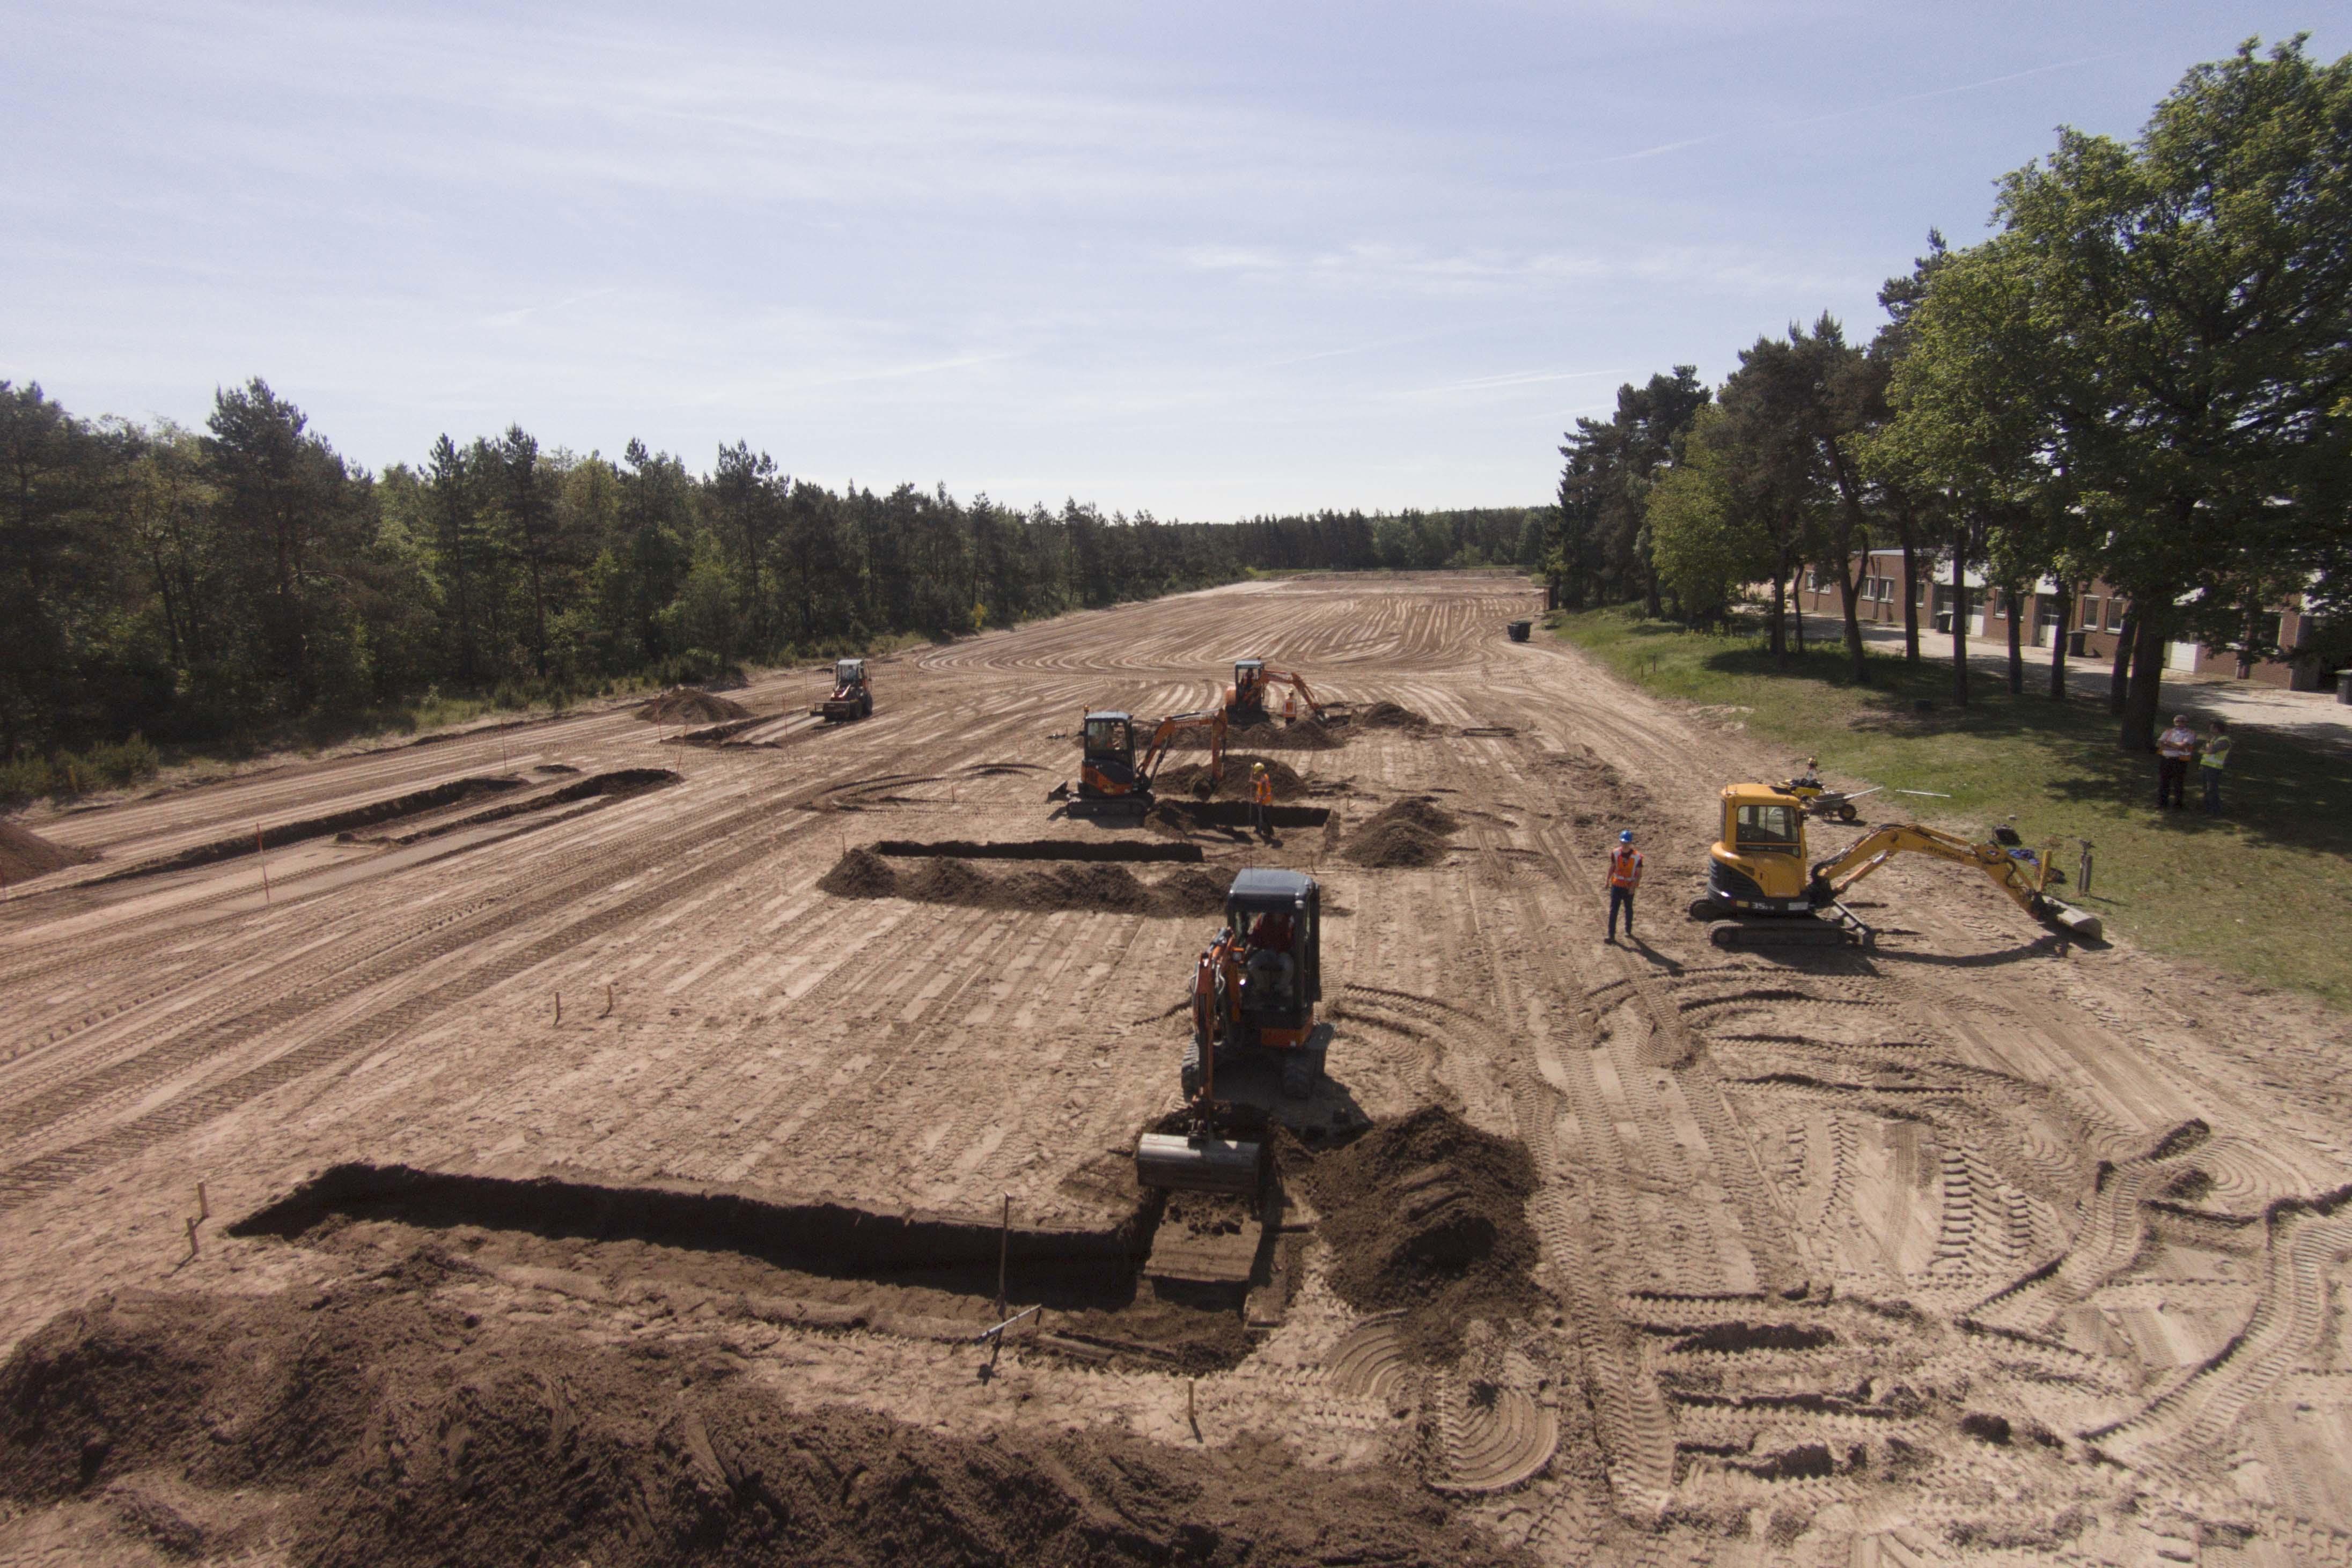 <p>Onverharde terreinen variërend van 2000 m2 tot 20.000 m2 met verschillende soorten zandondergrond</p>